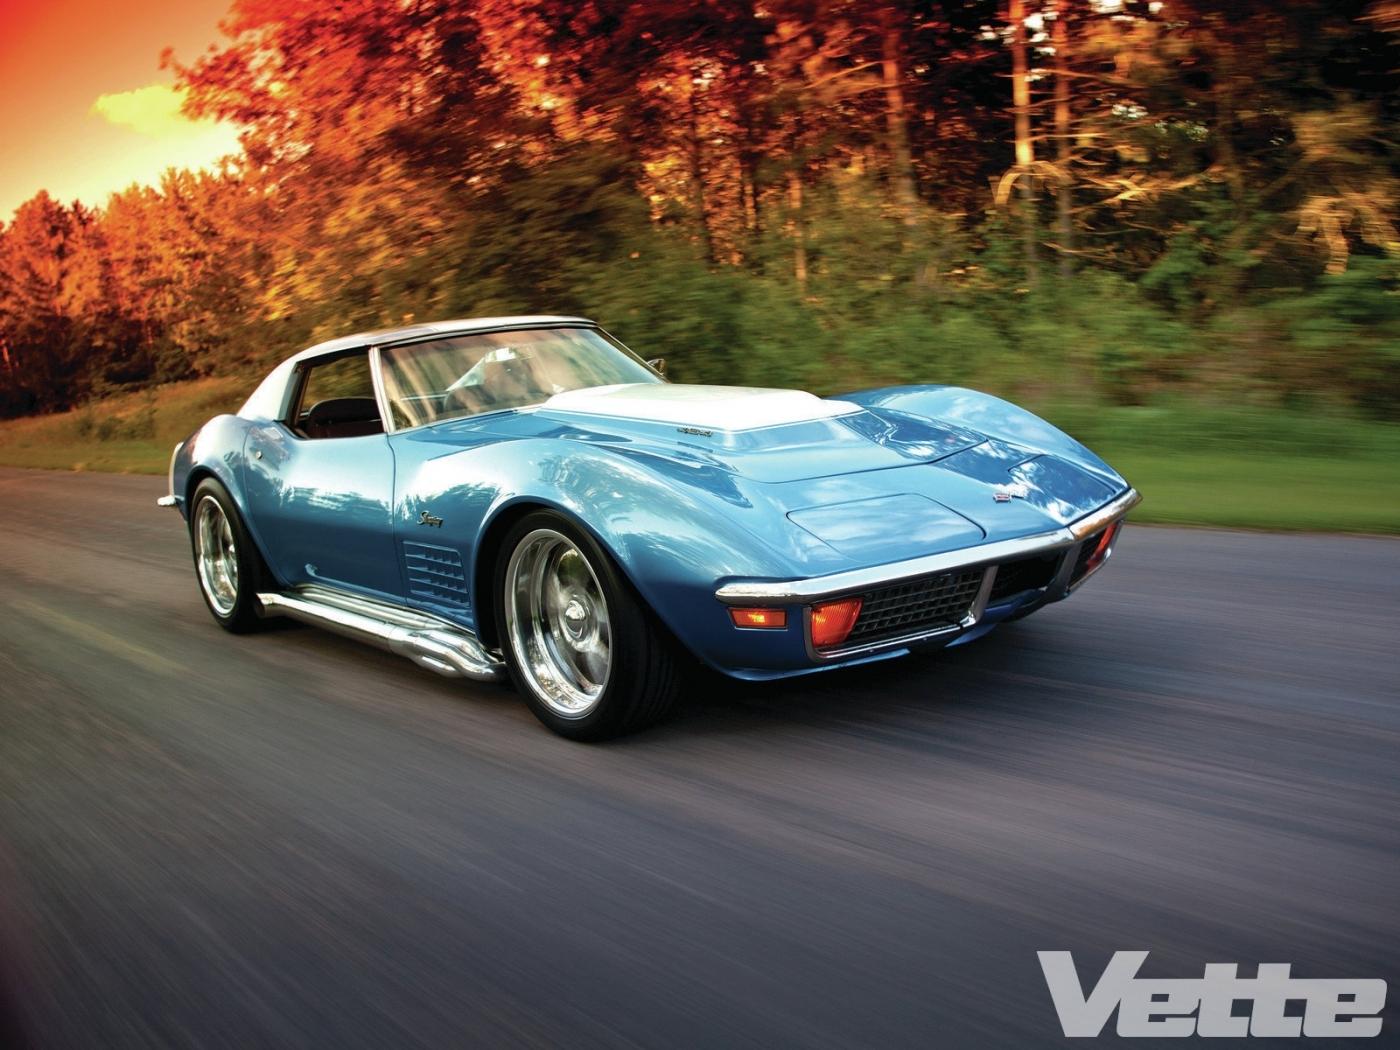 25462 скачать обои Транспорт, Машины, Шевроле (Chevrolet) - заставки и картинки бесплатно